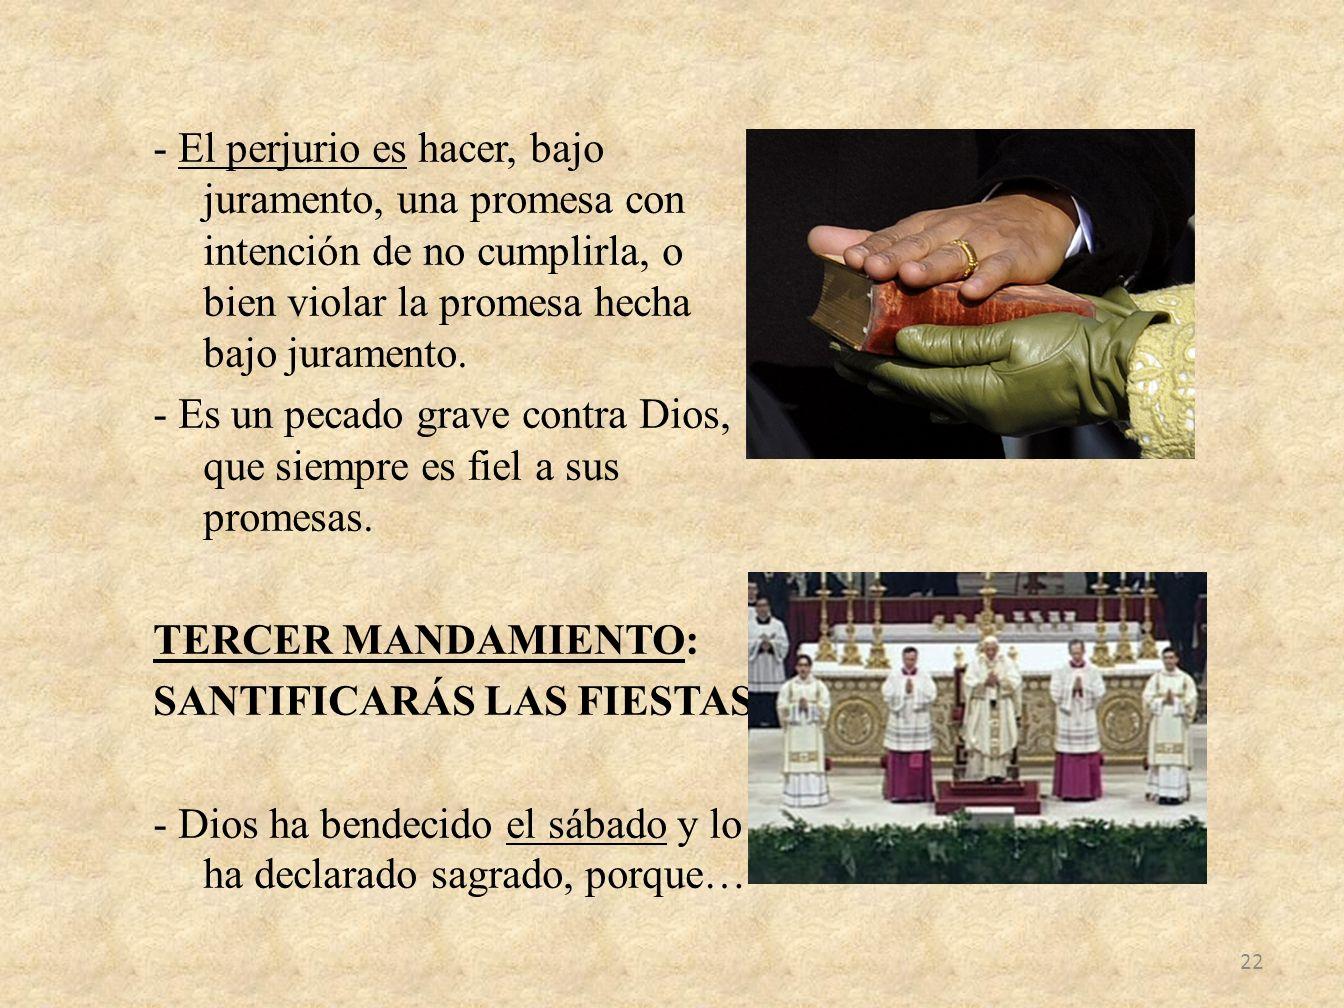 - El perjurio es hacer, bajo juramento, una promesa con intención de no cumplirla, o bien violar la promesa hecha bajo juramento. - Es un pecado grave